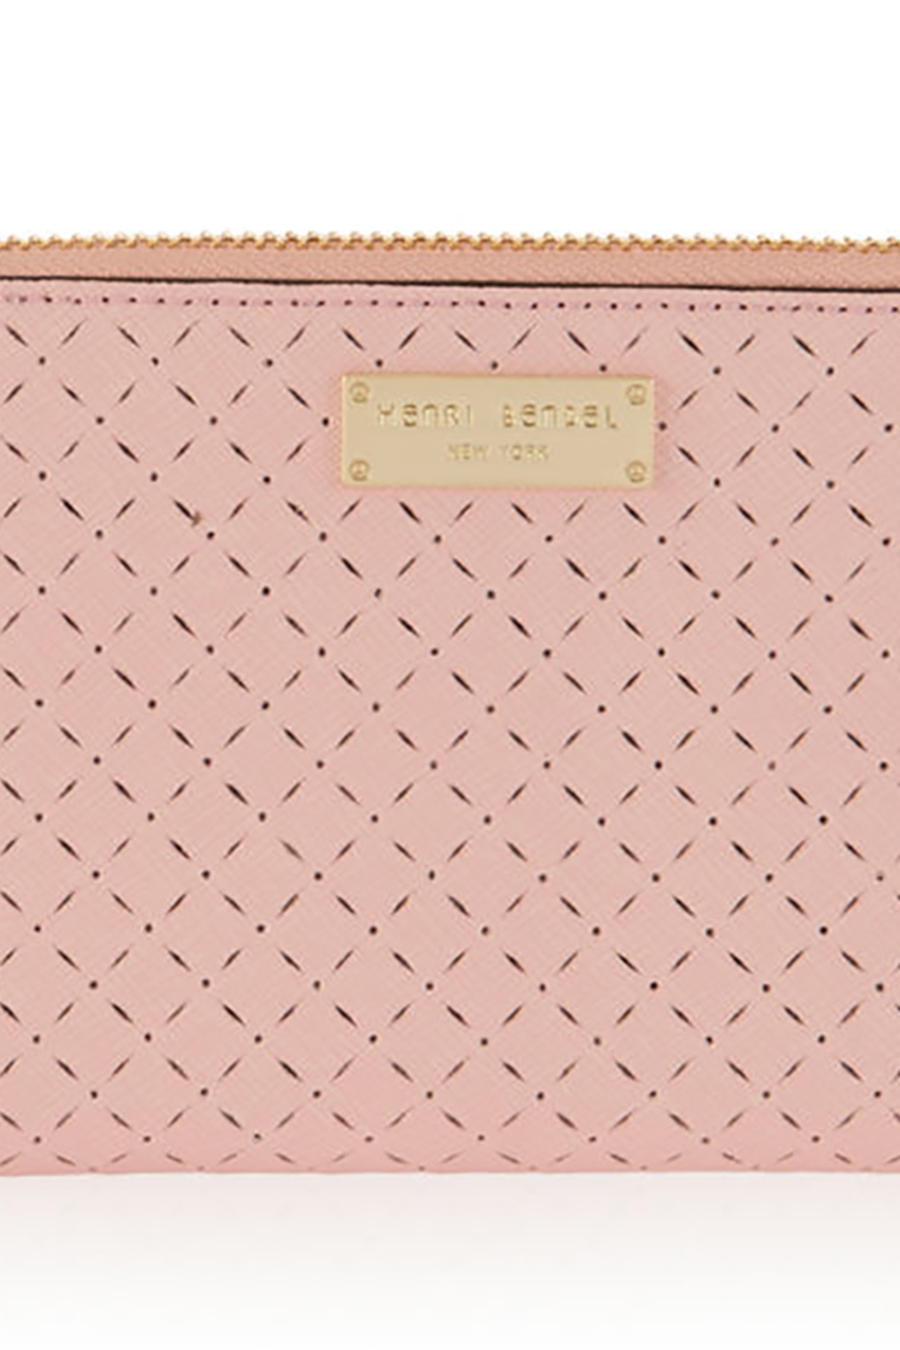 Billetera rosa